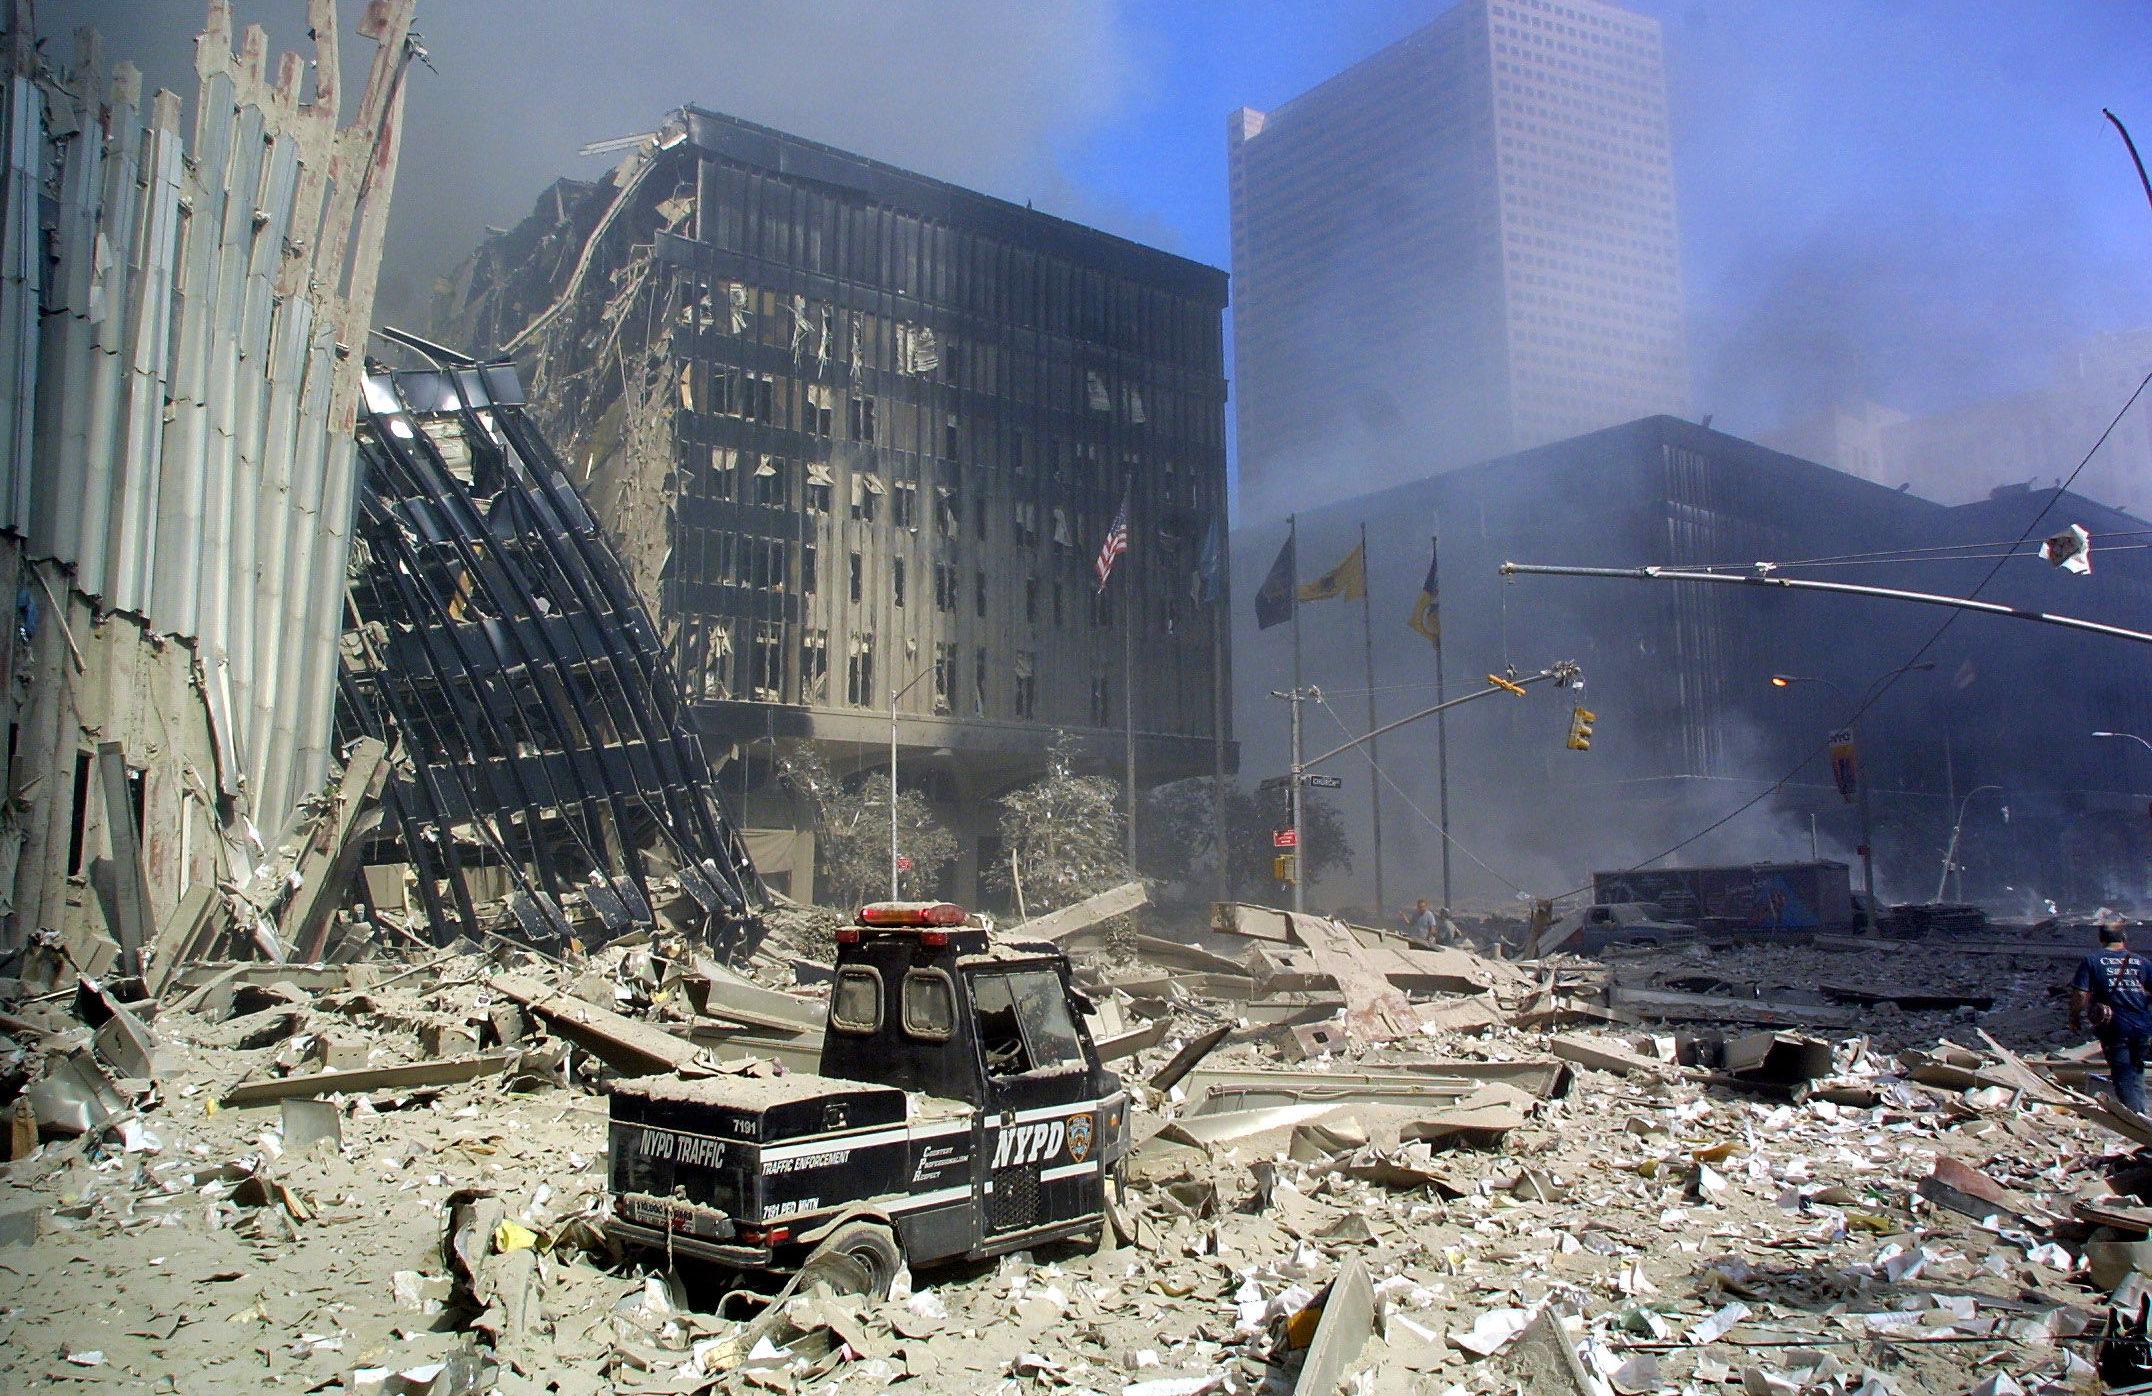 Среди развалин после теракта 11 сентября в Нью-Йорке